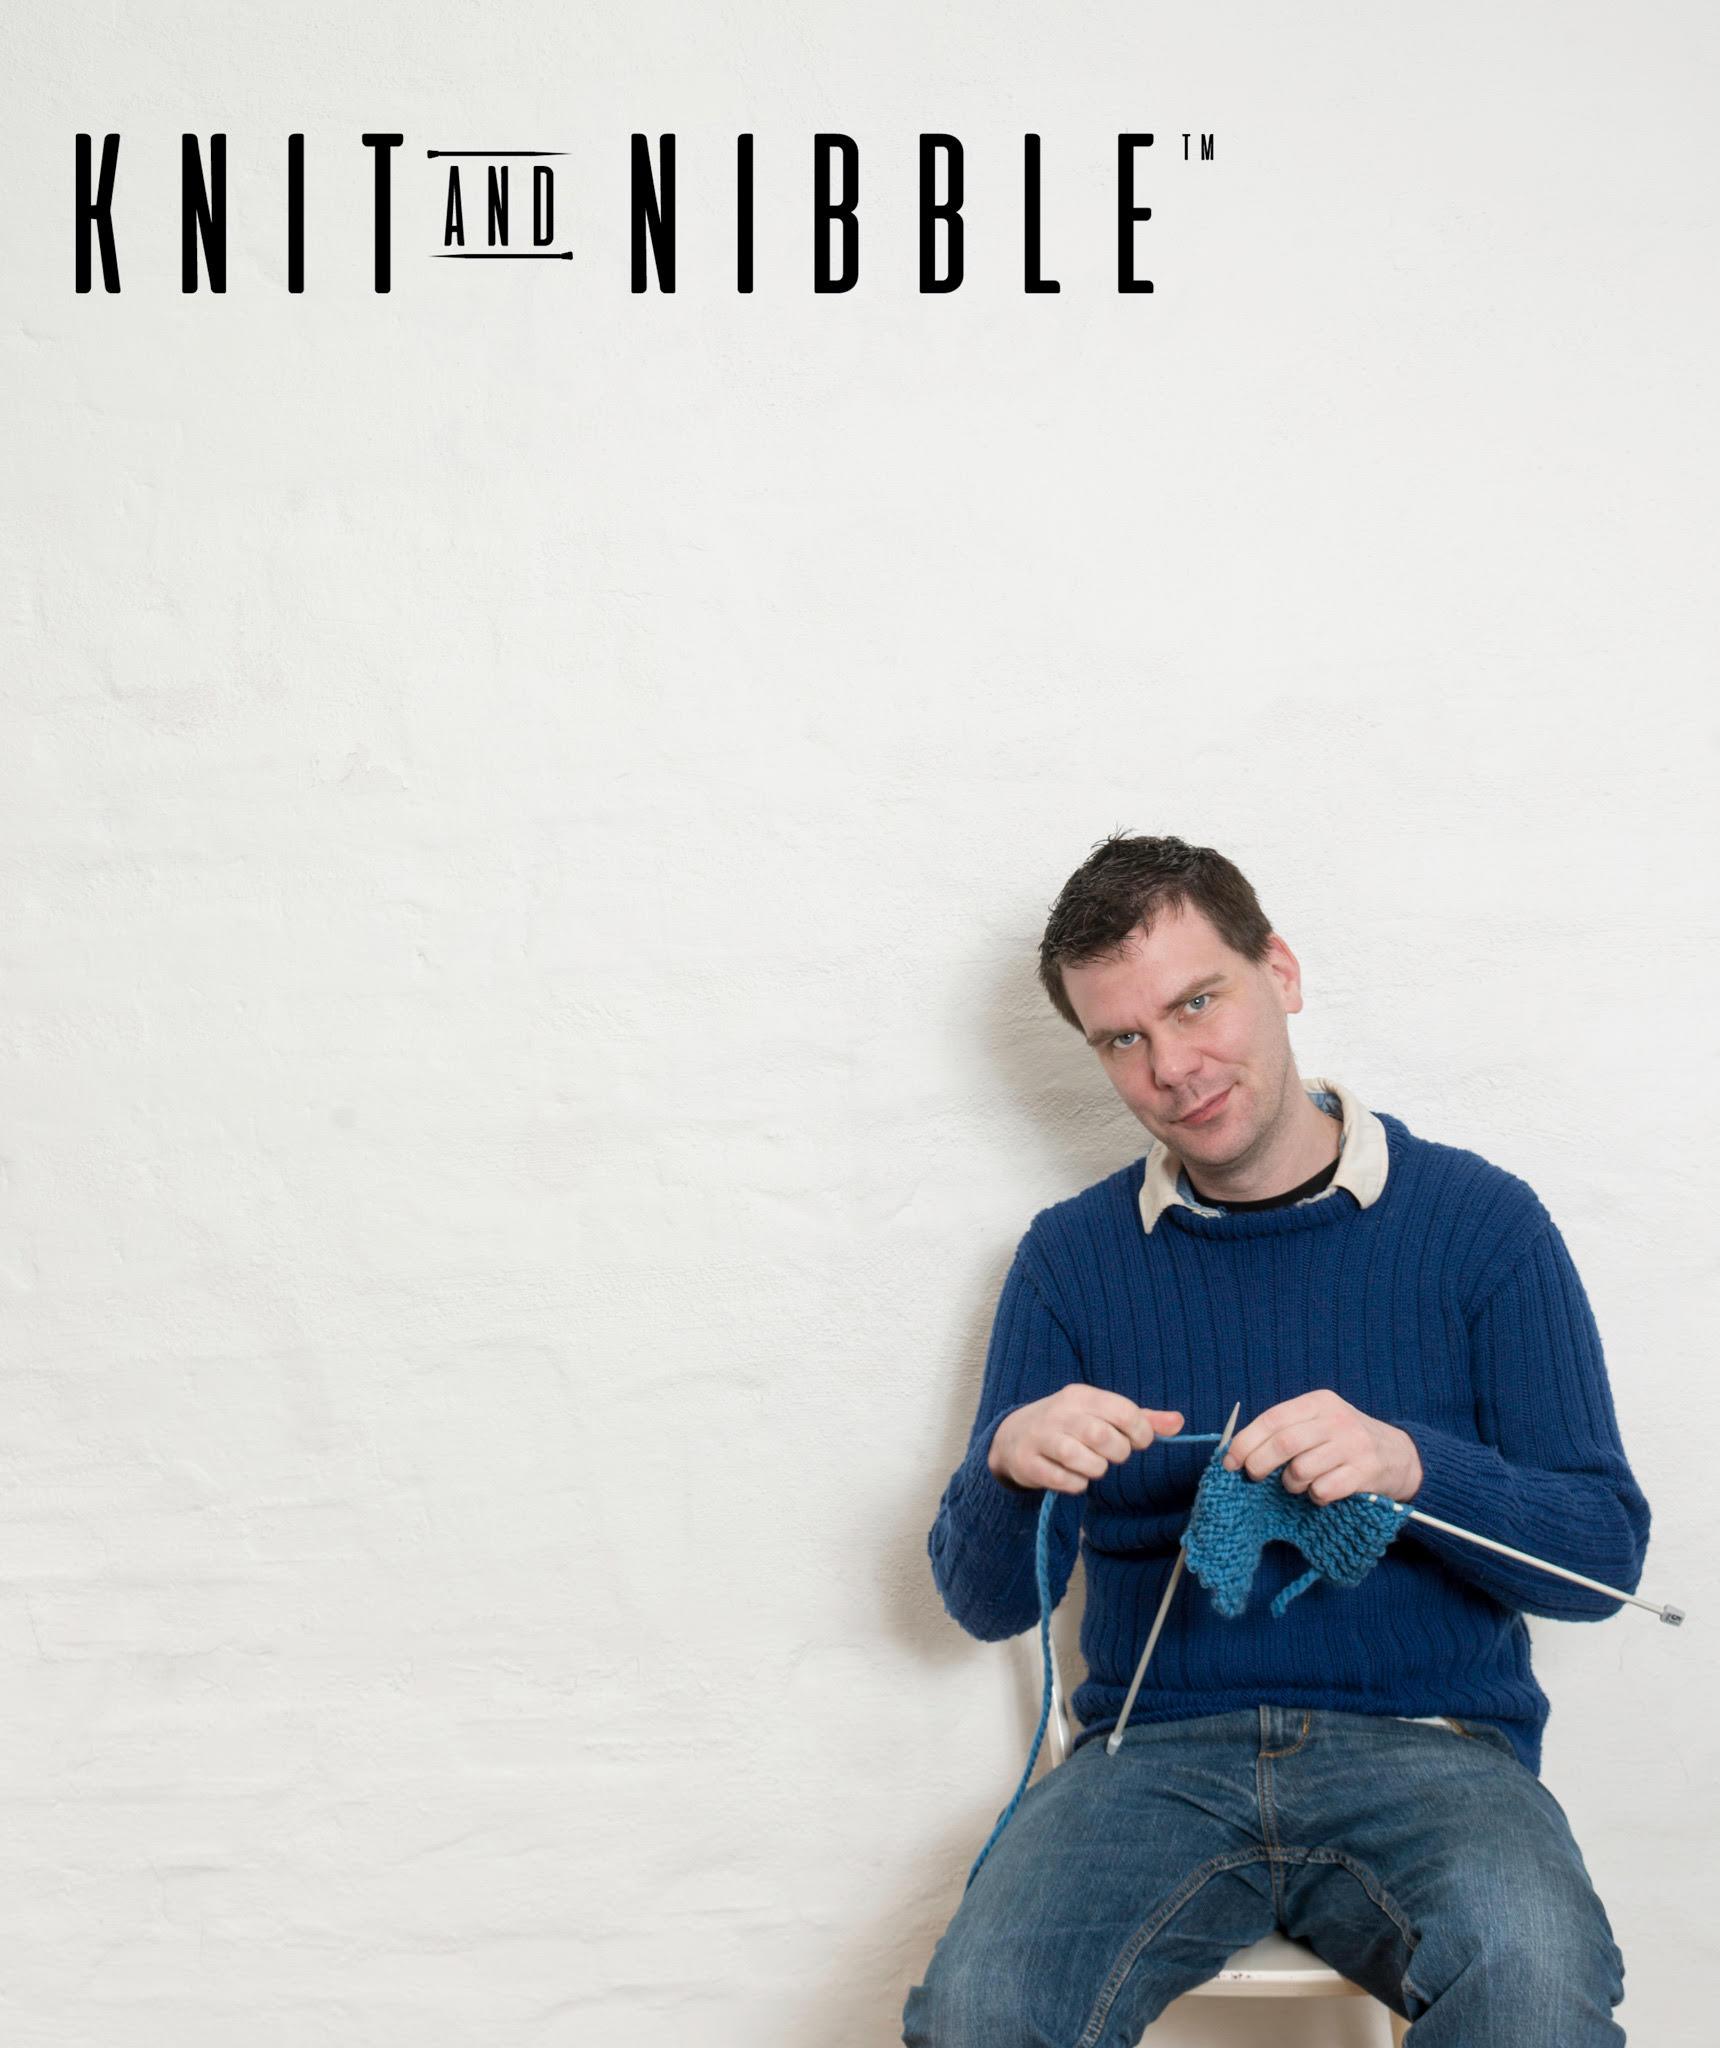 Knitting in Peckham